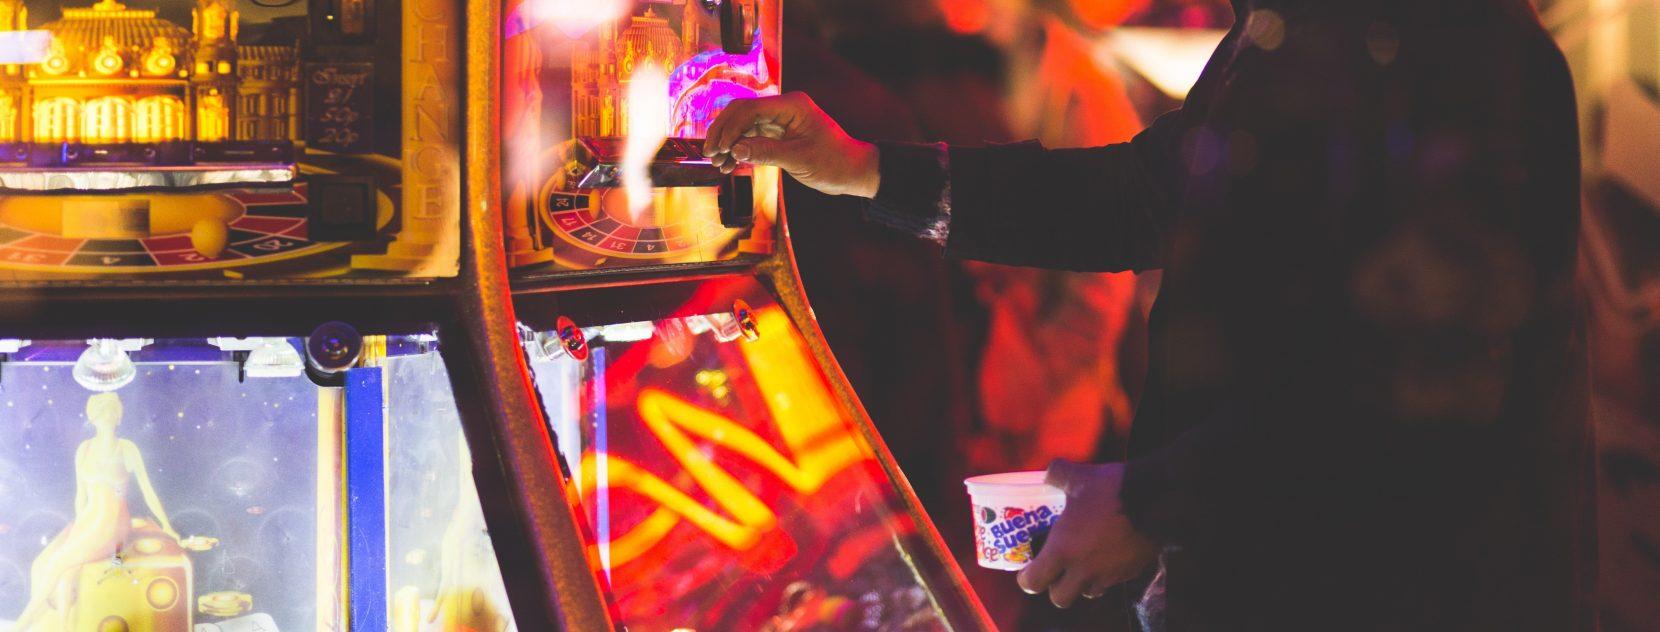 Casino spel leverantörer att spela hos i Sverige